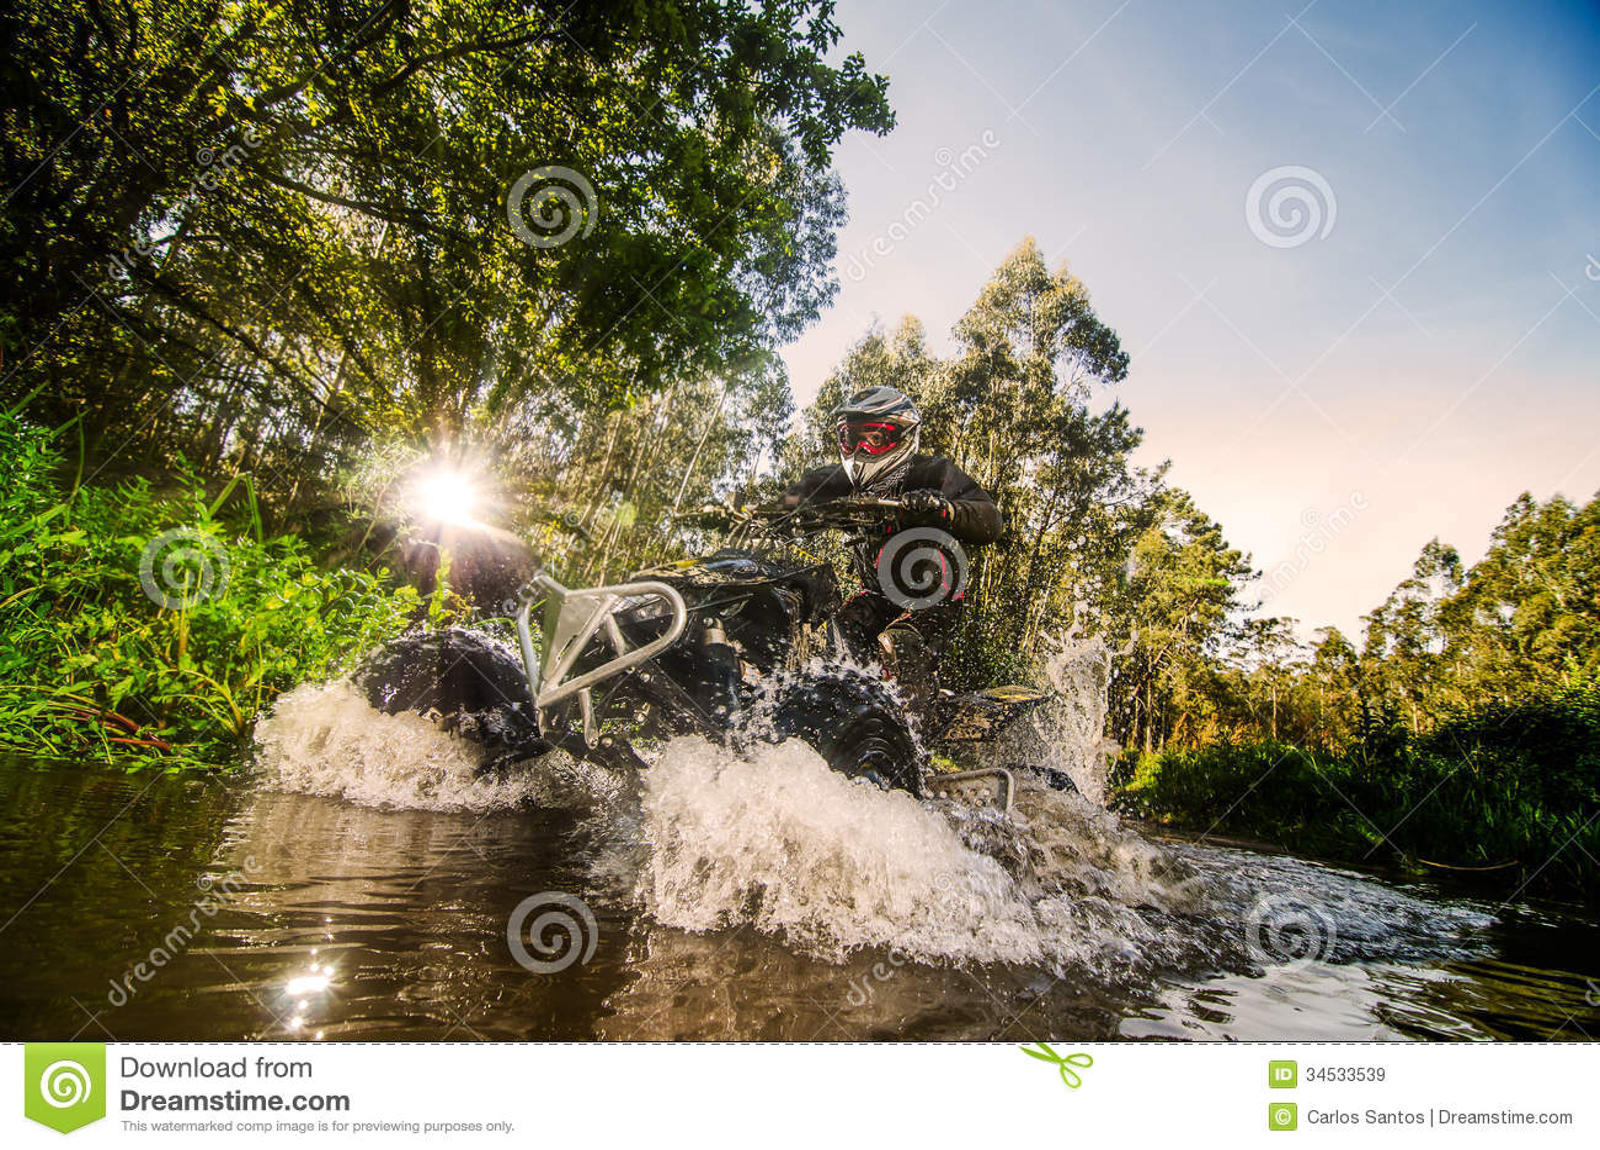 Quad rider through water stream